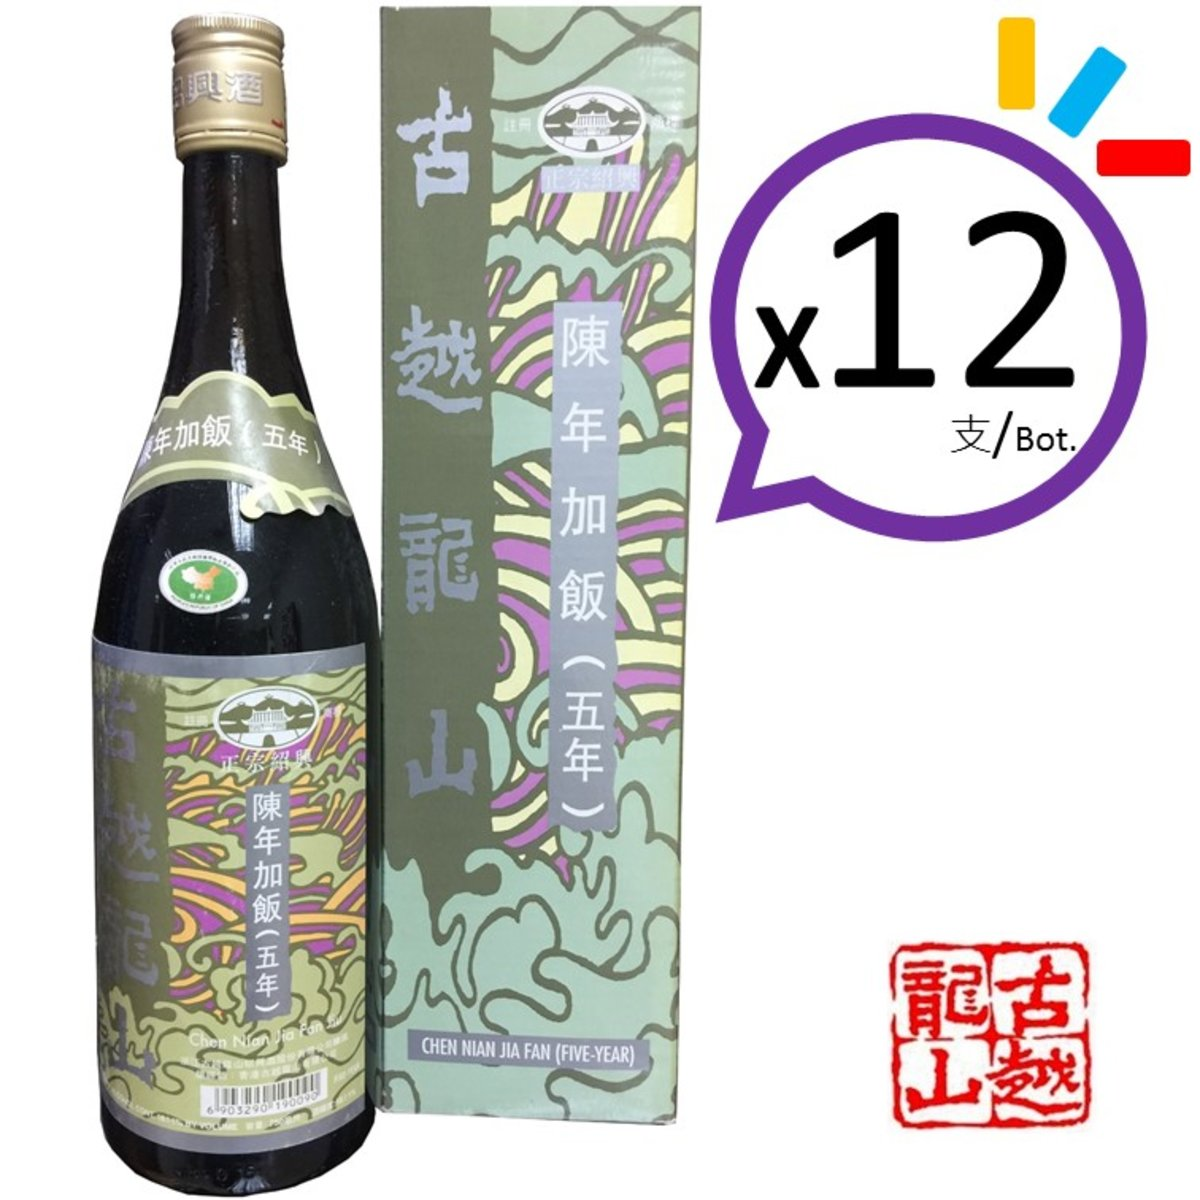 Chen Nian Shao Xing Jia Fan Wine 5 Years x12 Bottles